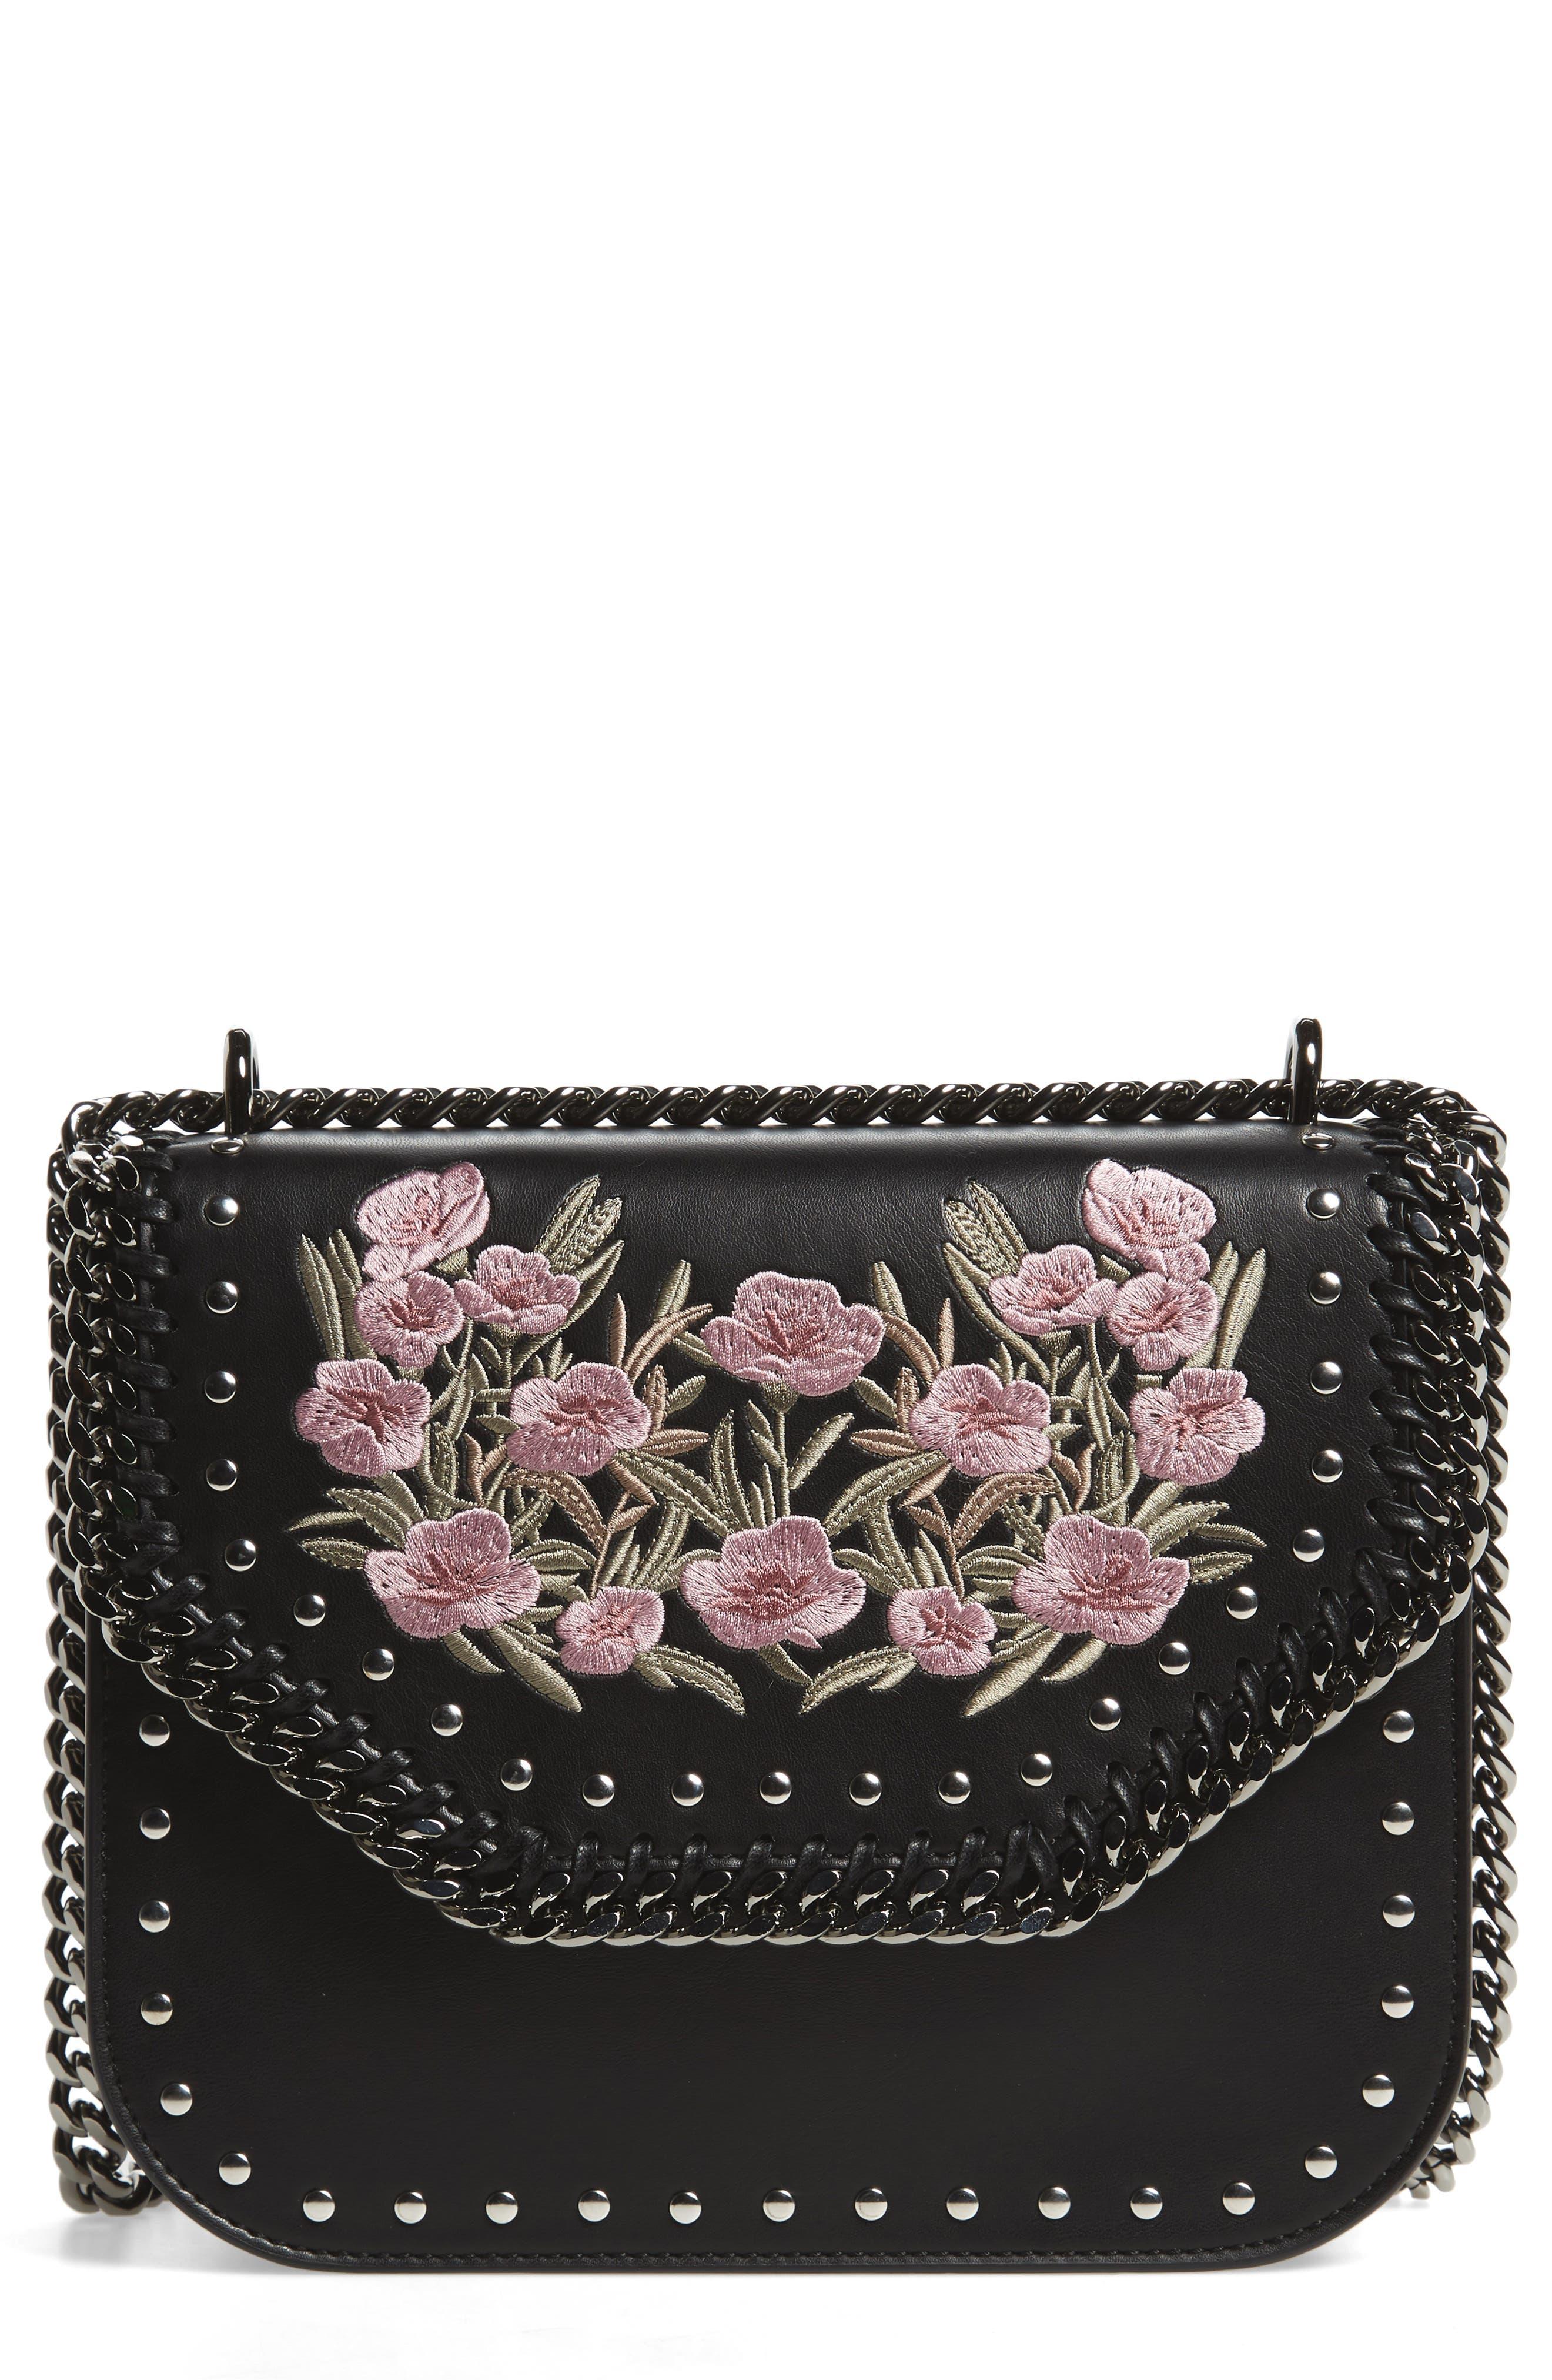 Medium Falabella Box Floral Shoulder Bag,                             Main thumbnail 1, color,                             001